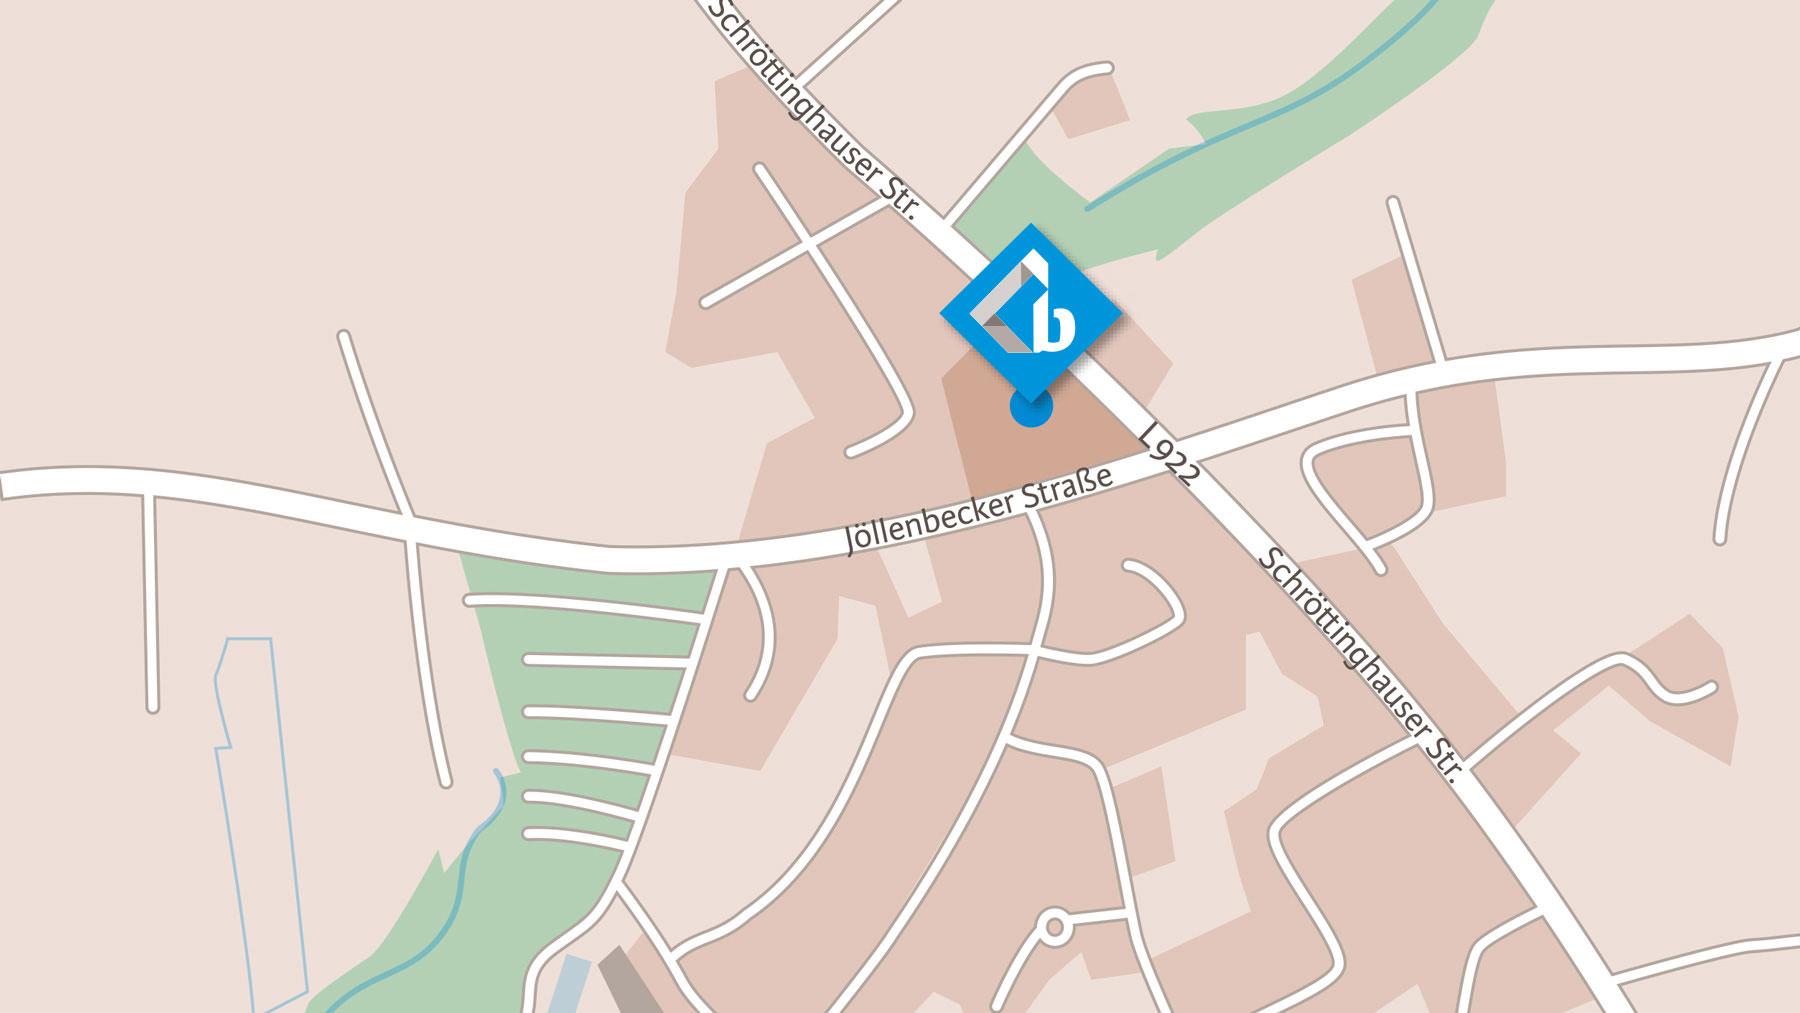 Sie finden uns an der Jöllenbecker Straße in Bielefeld Schröttinghausen, nah am Kreis Gütersloh und Kreis Herford